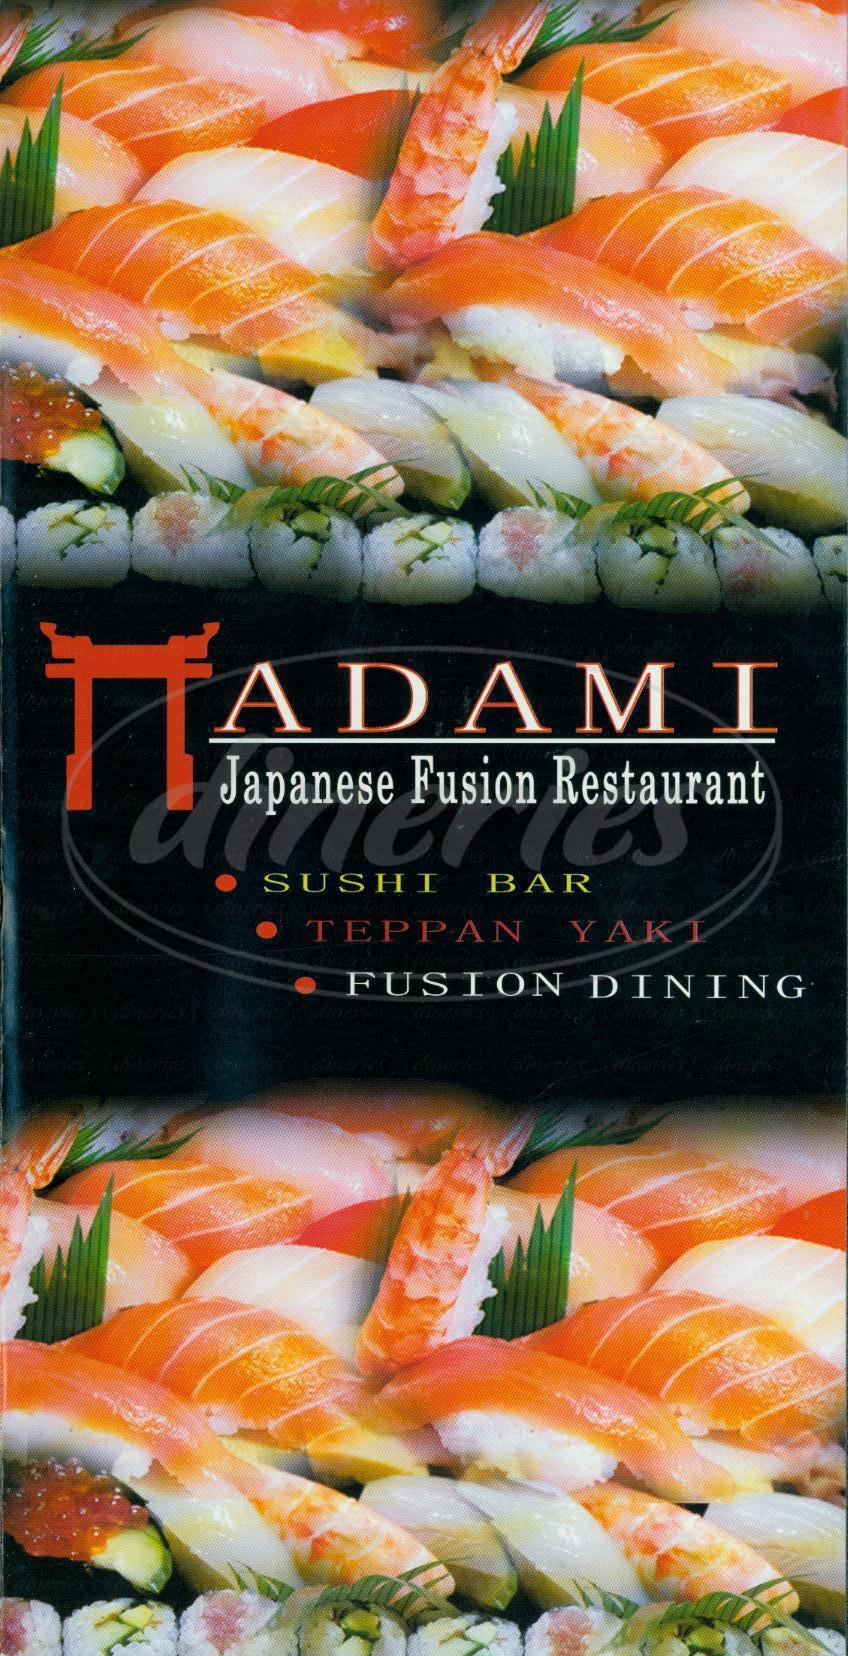 menu for Adami Japanese Restaurant